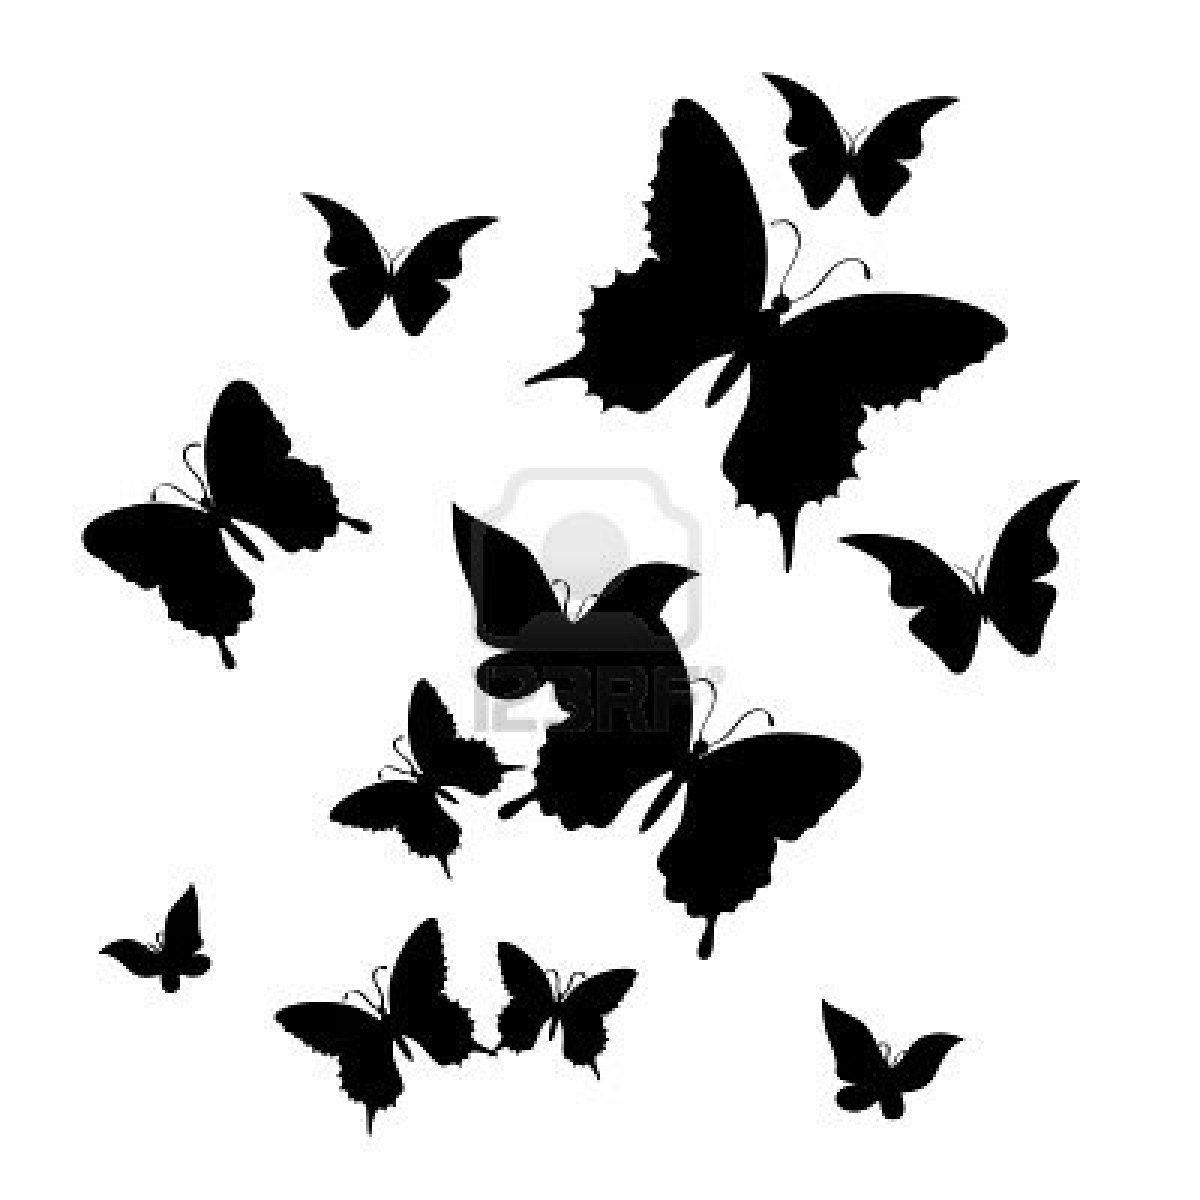 Silhouette of butterfly on a white background patron tattoo vorlagen libellen vorlagen - Silhouette papillon imprimer ...